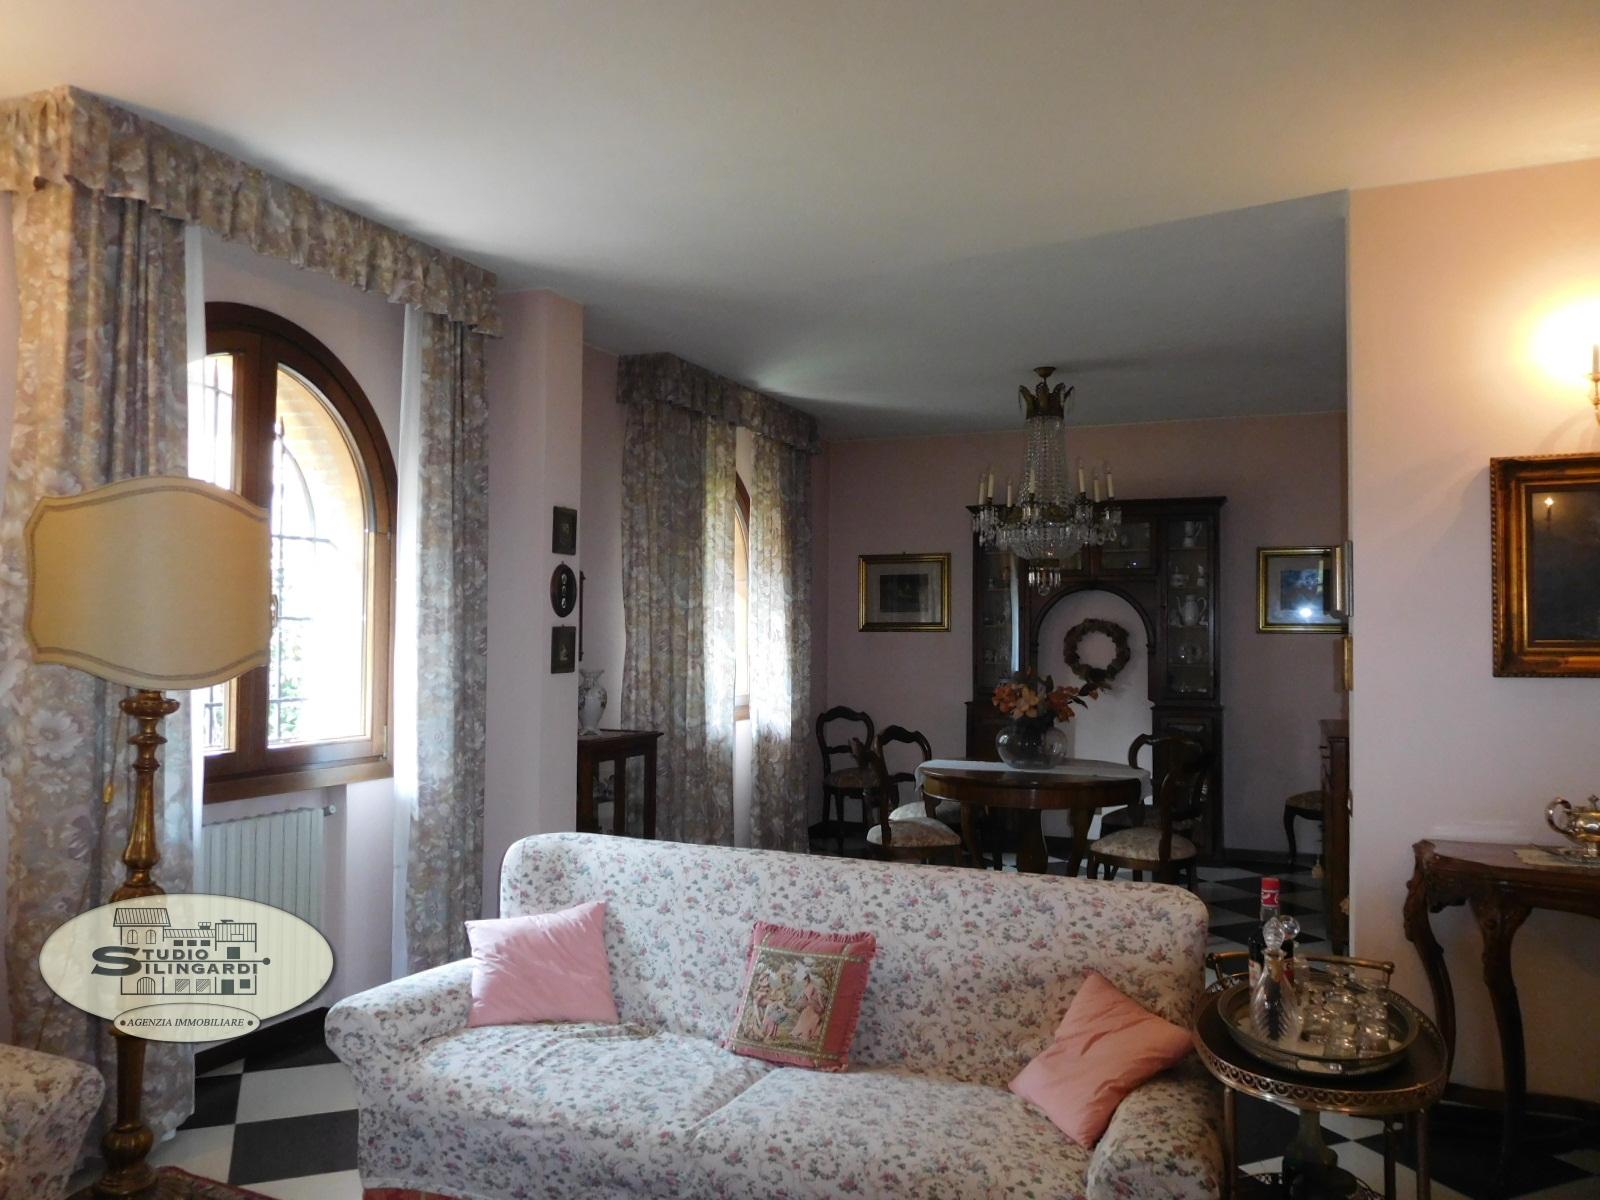 Villa in vendita a Formigine, 6 locali, zona Località: Formigine, Trattative riservate   Cambio Casa.it